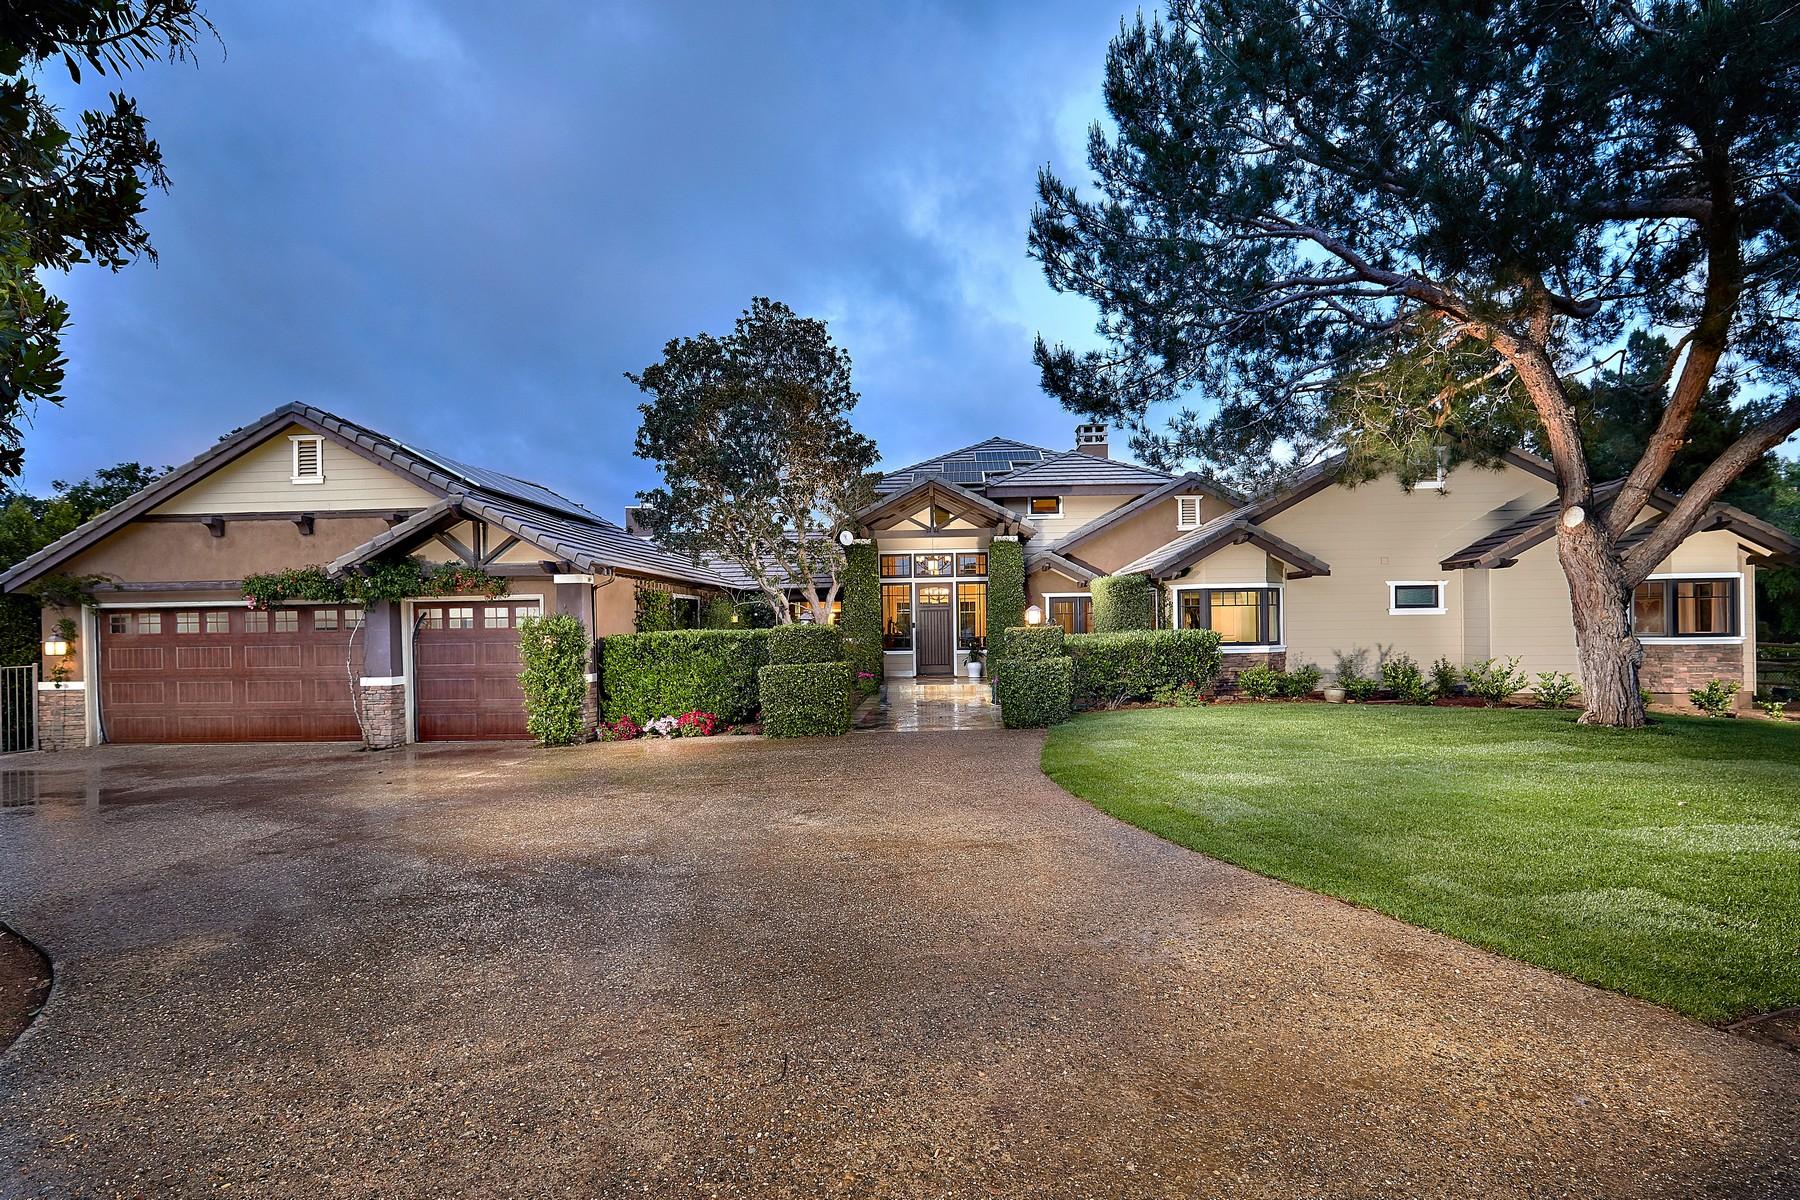 Single Family Homes for Sale at 20461 Fortuna Del Sur Escondido, California 92029 United States